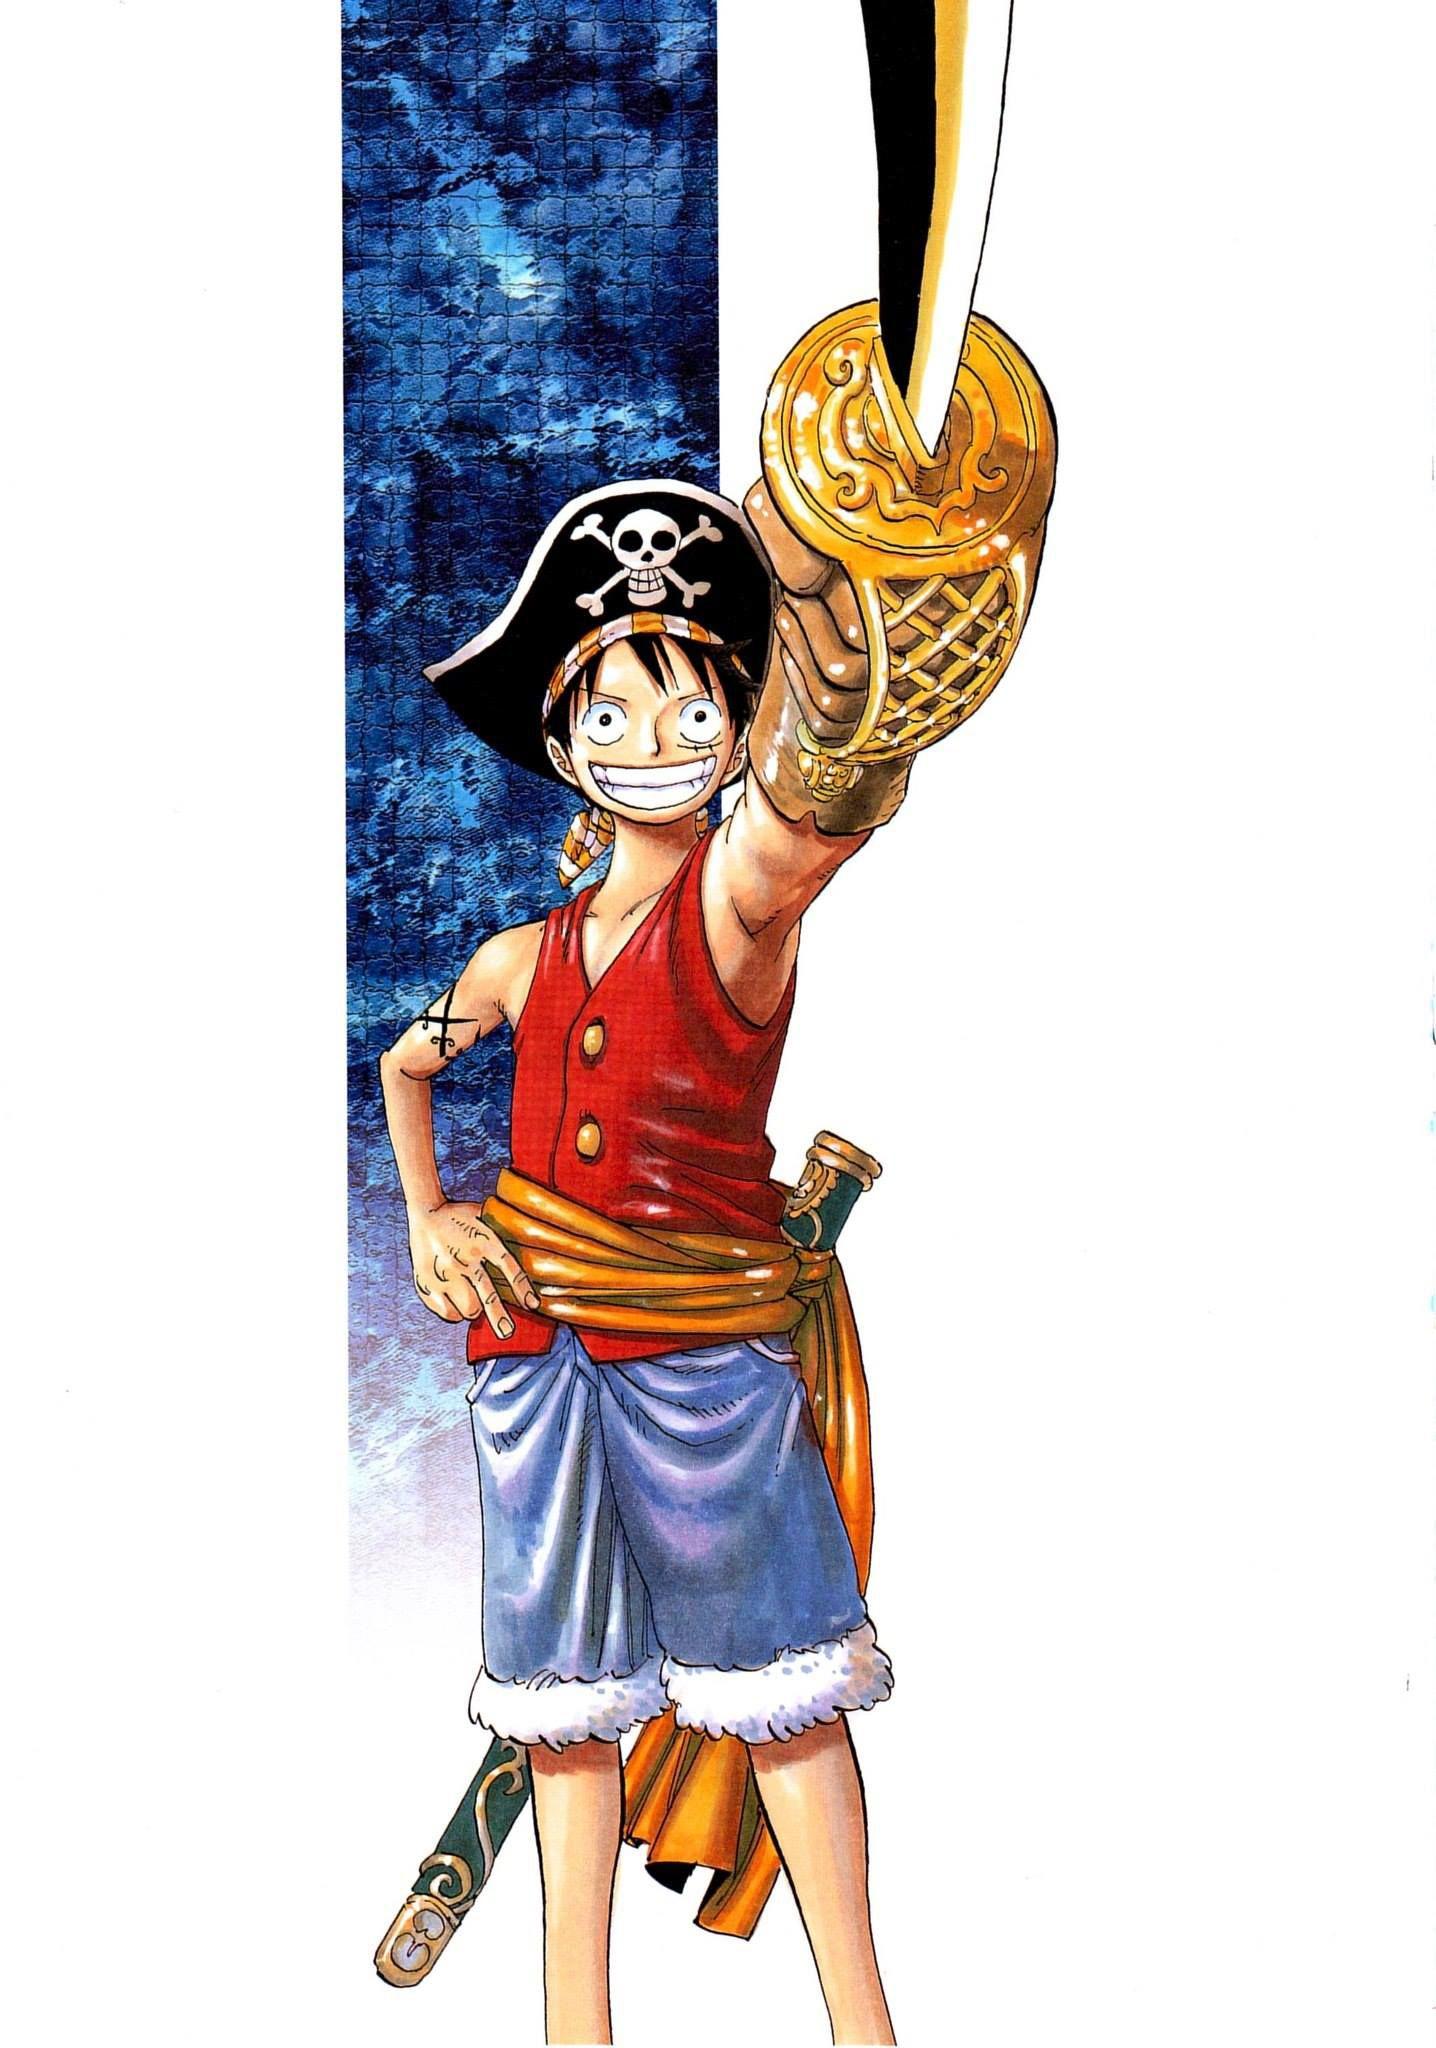 One Piece - 0001 Art Colletion One Piece - 0001 Art ...